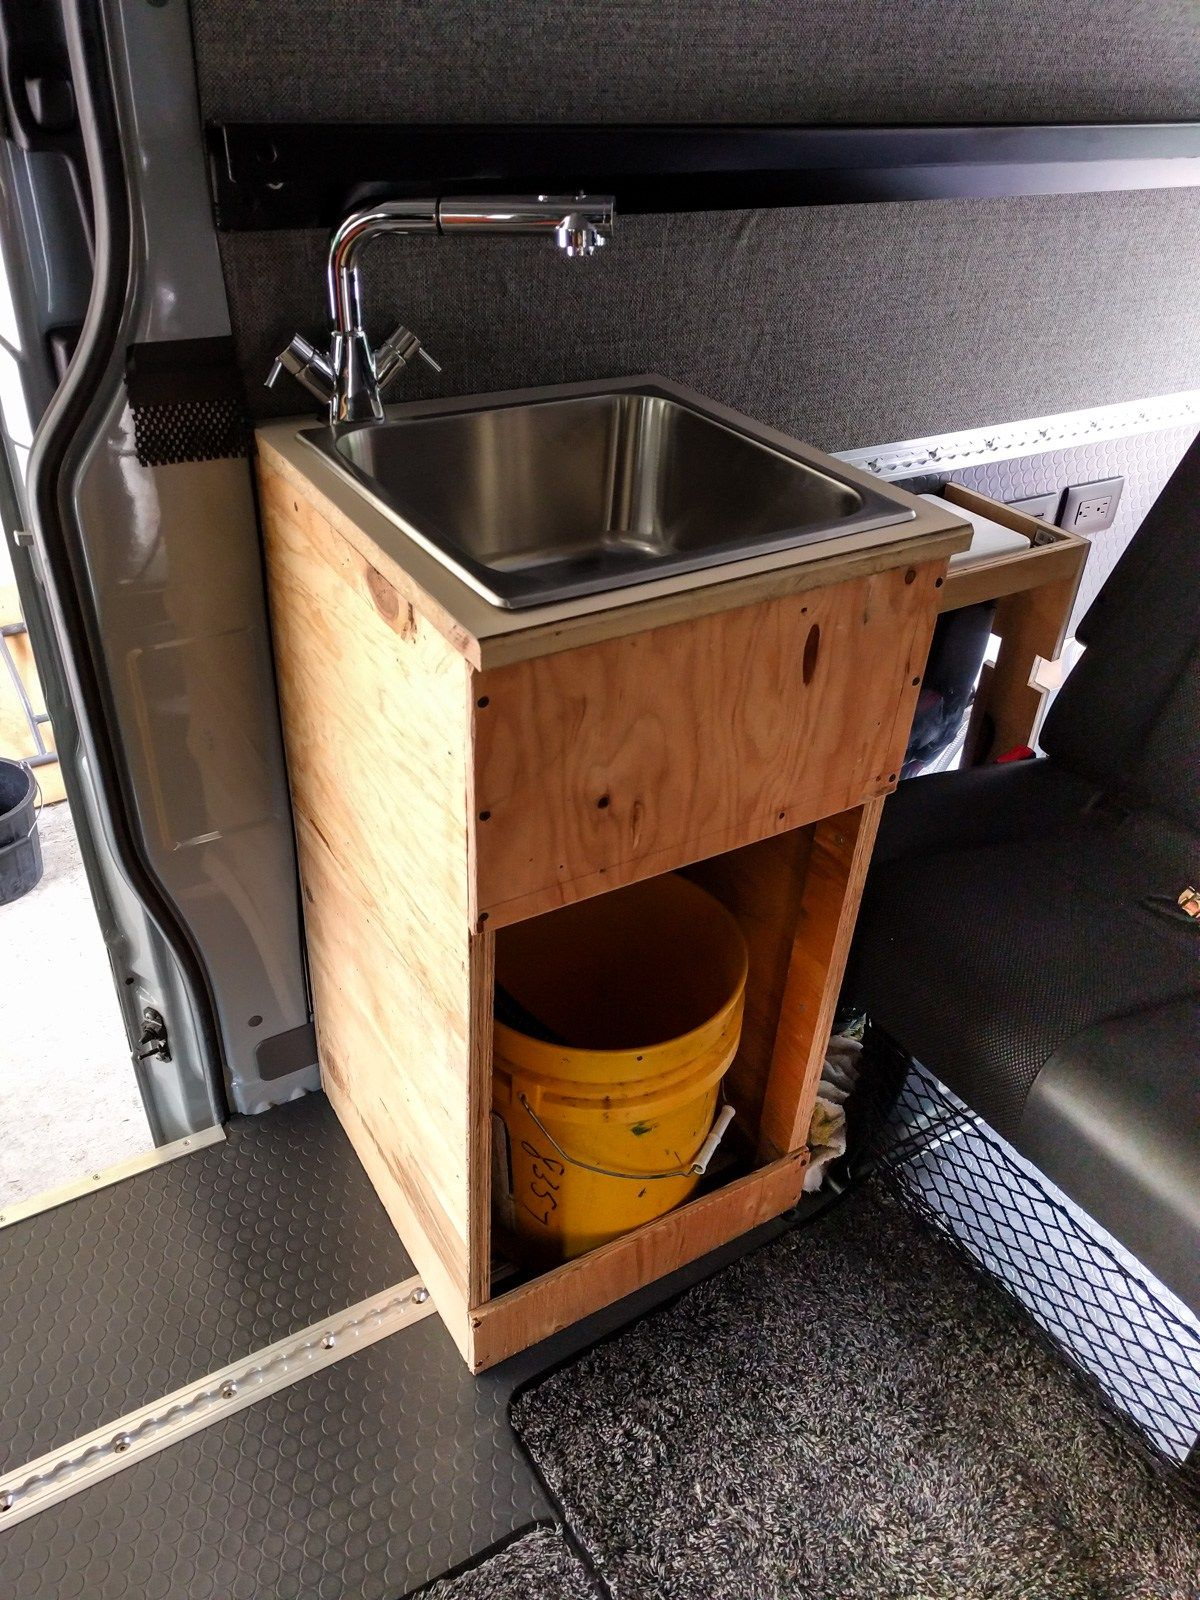 Ziemlich Costco Küchenspüle Fotos - Ideen Für Die Küche Dekoration ...